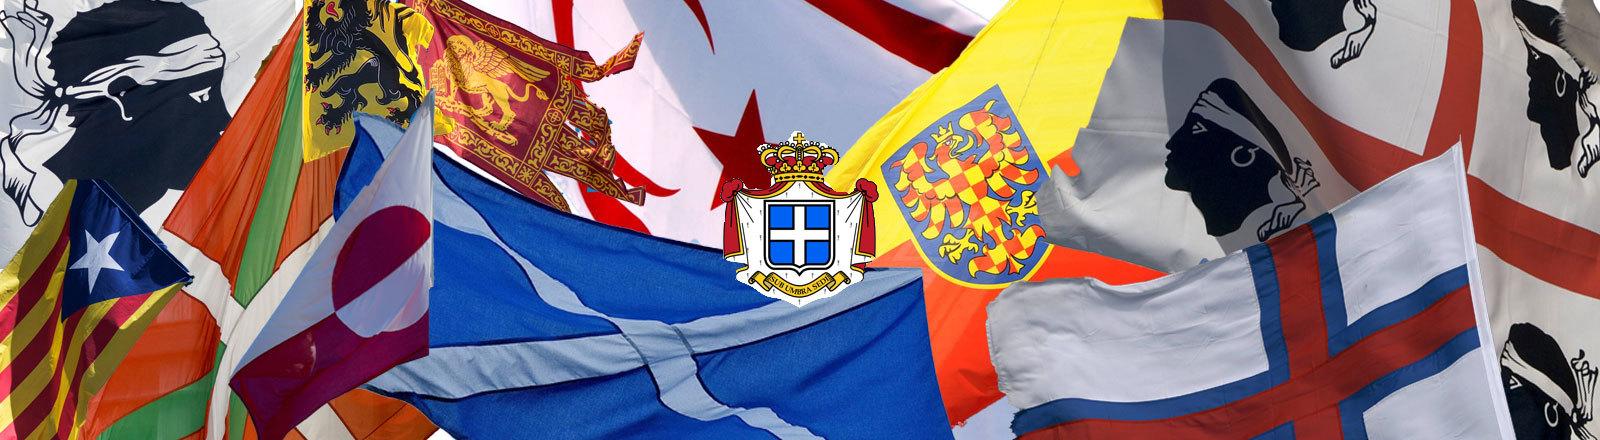 Flagge von Faröer, Grönland, Siebenbürgen, Schottland, Venetien, Seborga, Flandern, Nordzypern, Korsika, Sardinien, Baskenland, Katalonien